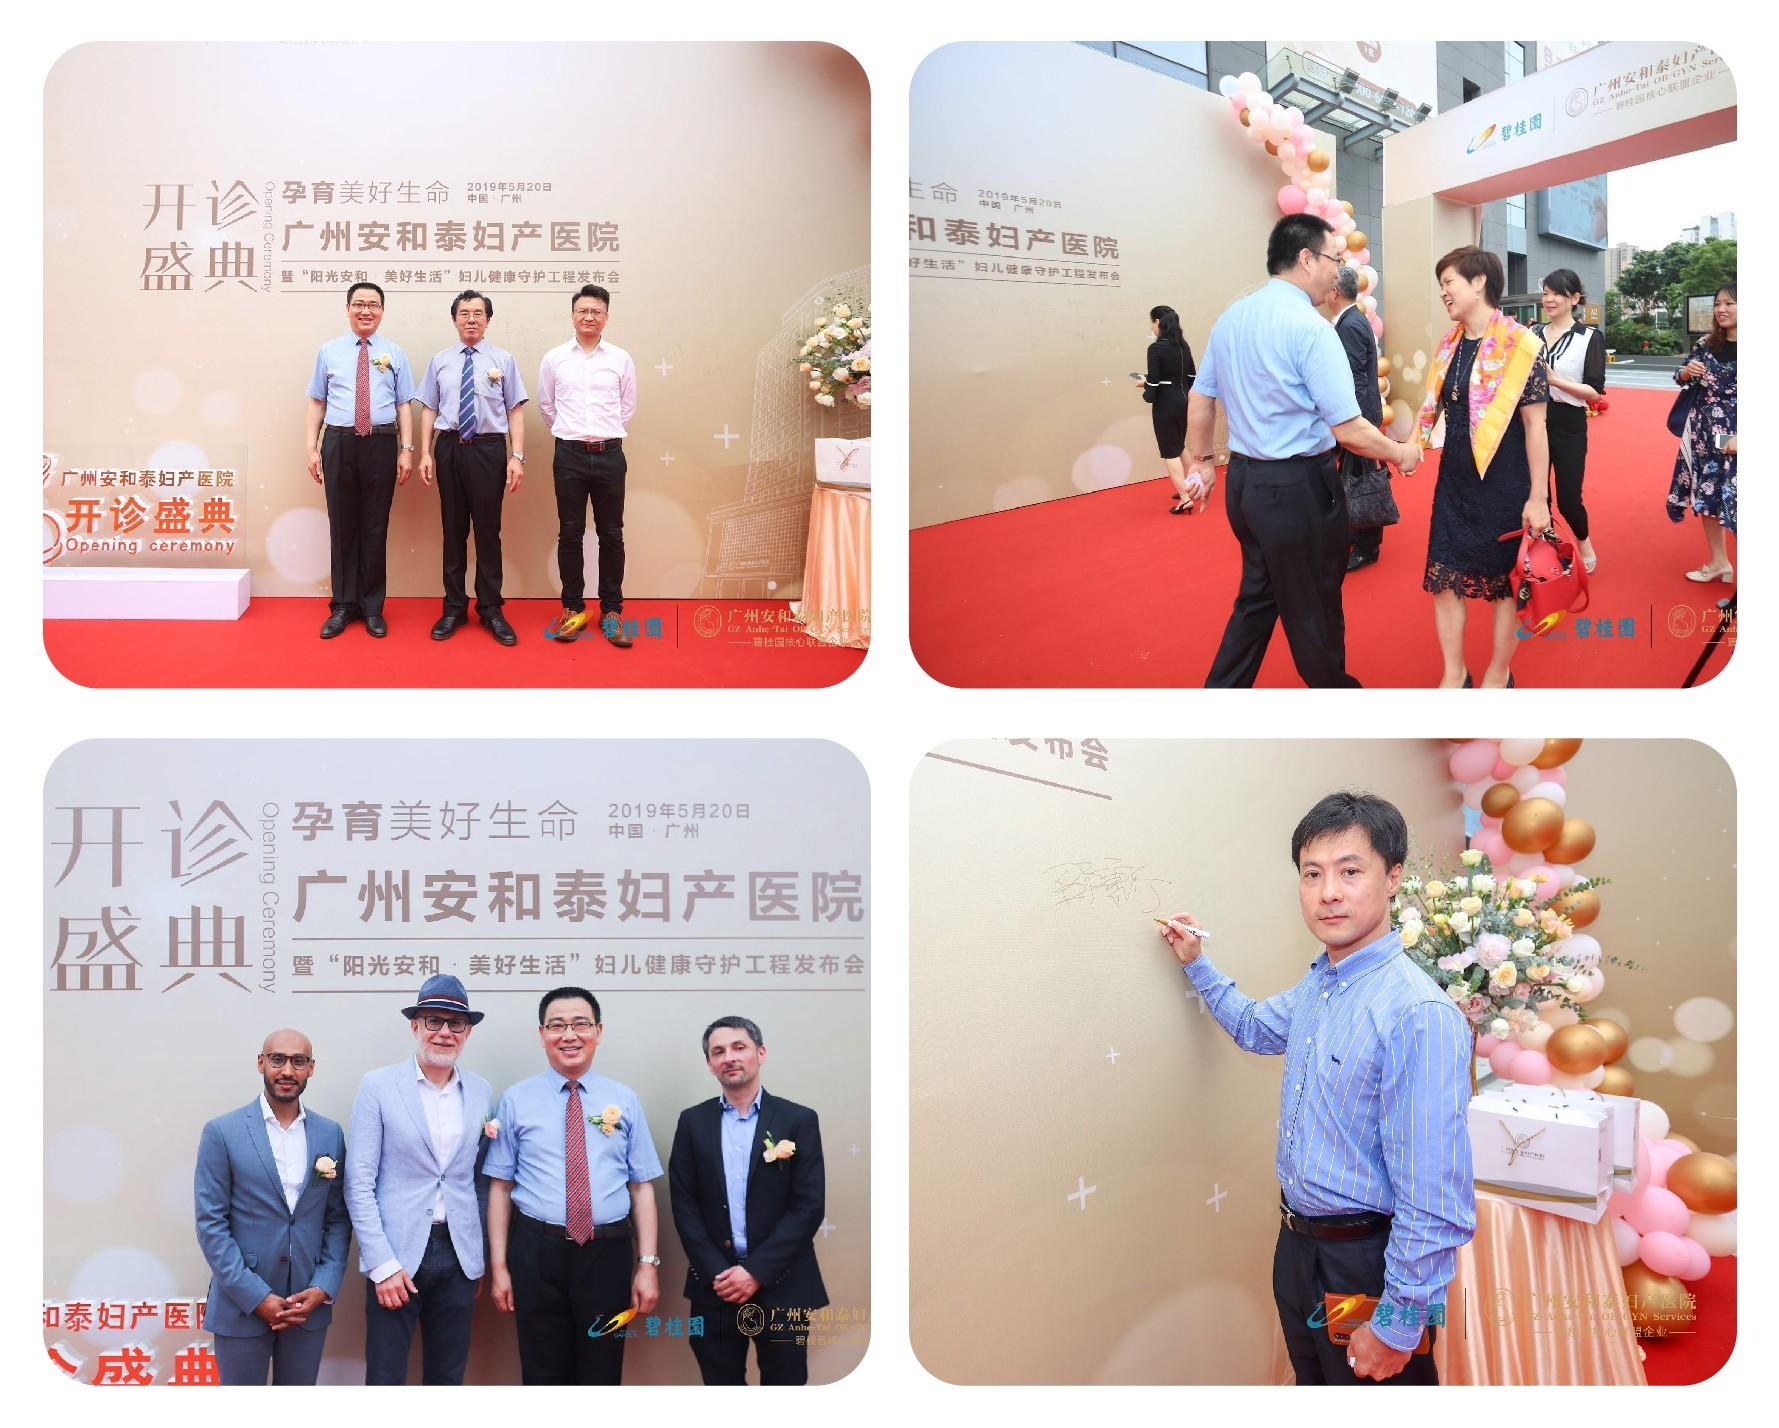 广州安和泰妇产医院5月20日盛大开业